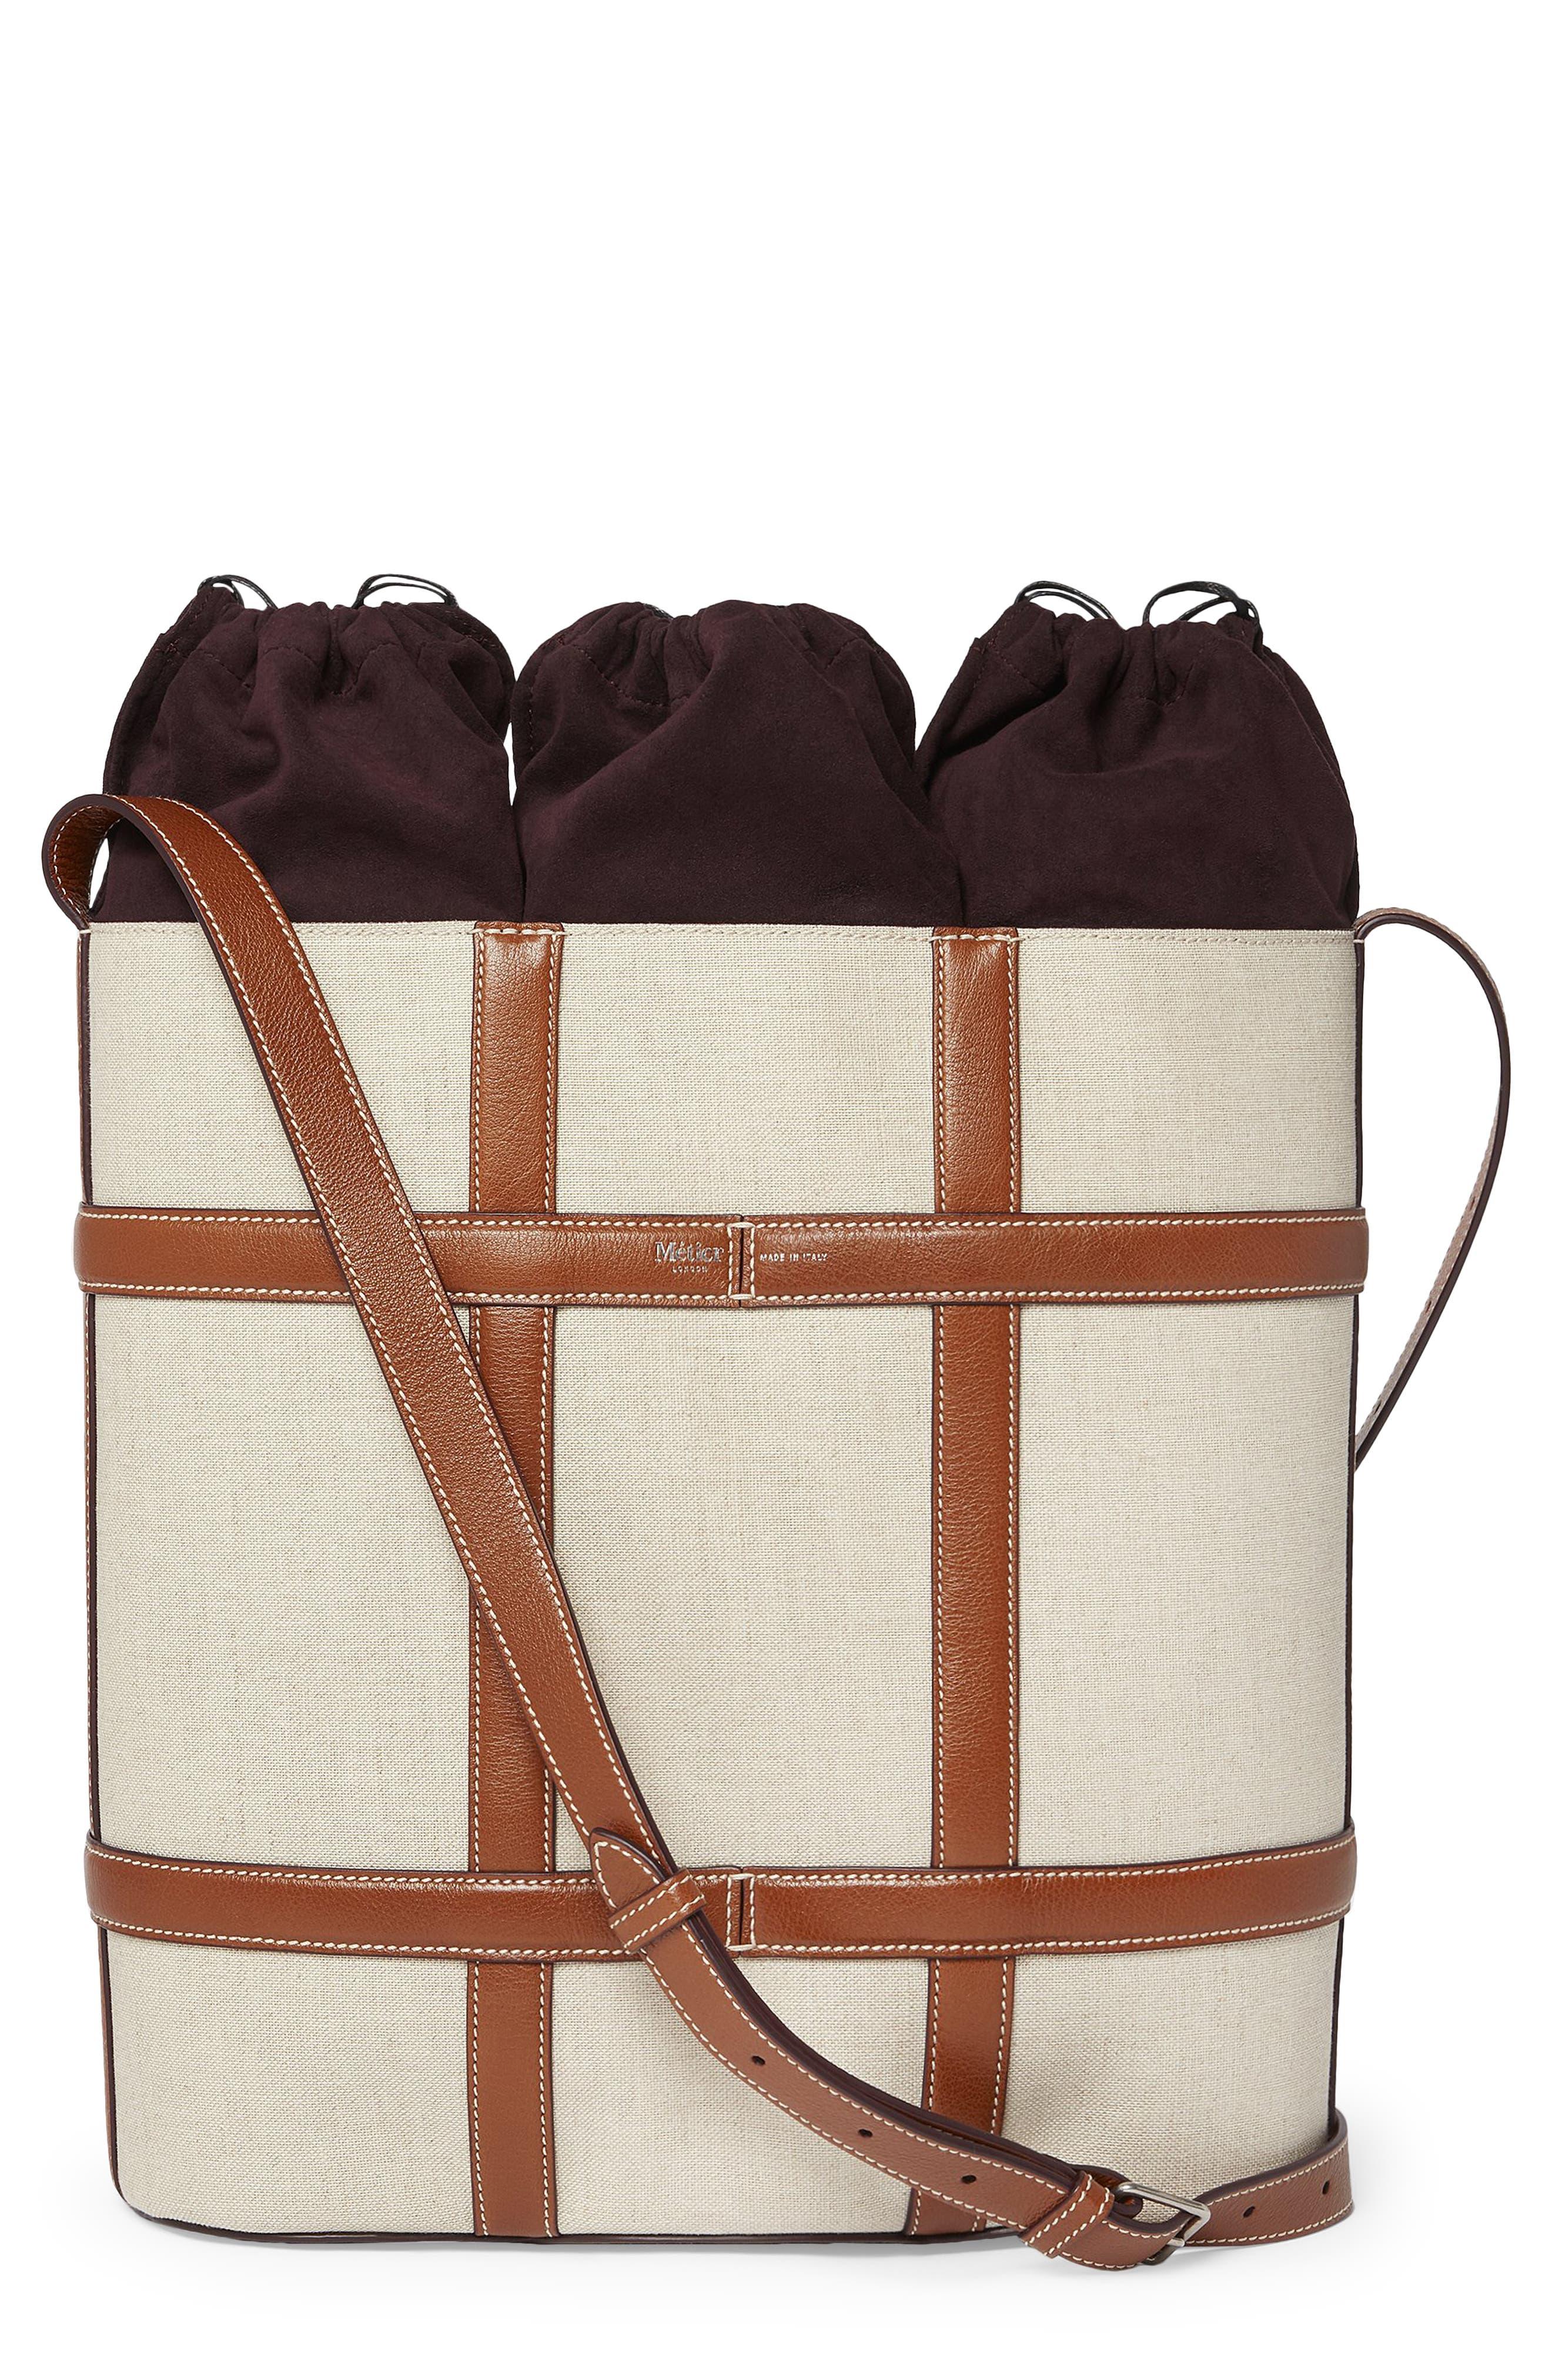 Linen & Leather Triple Wine Carrier